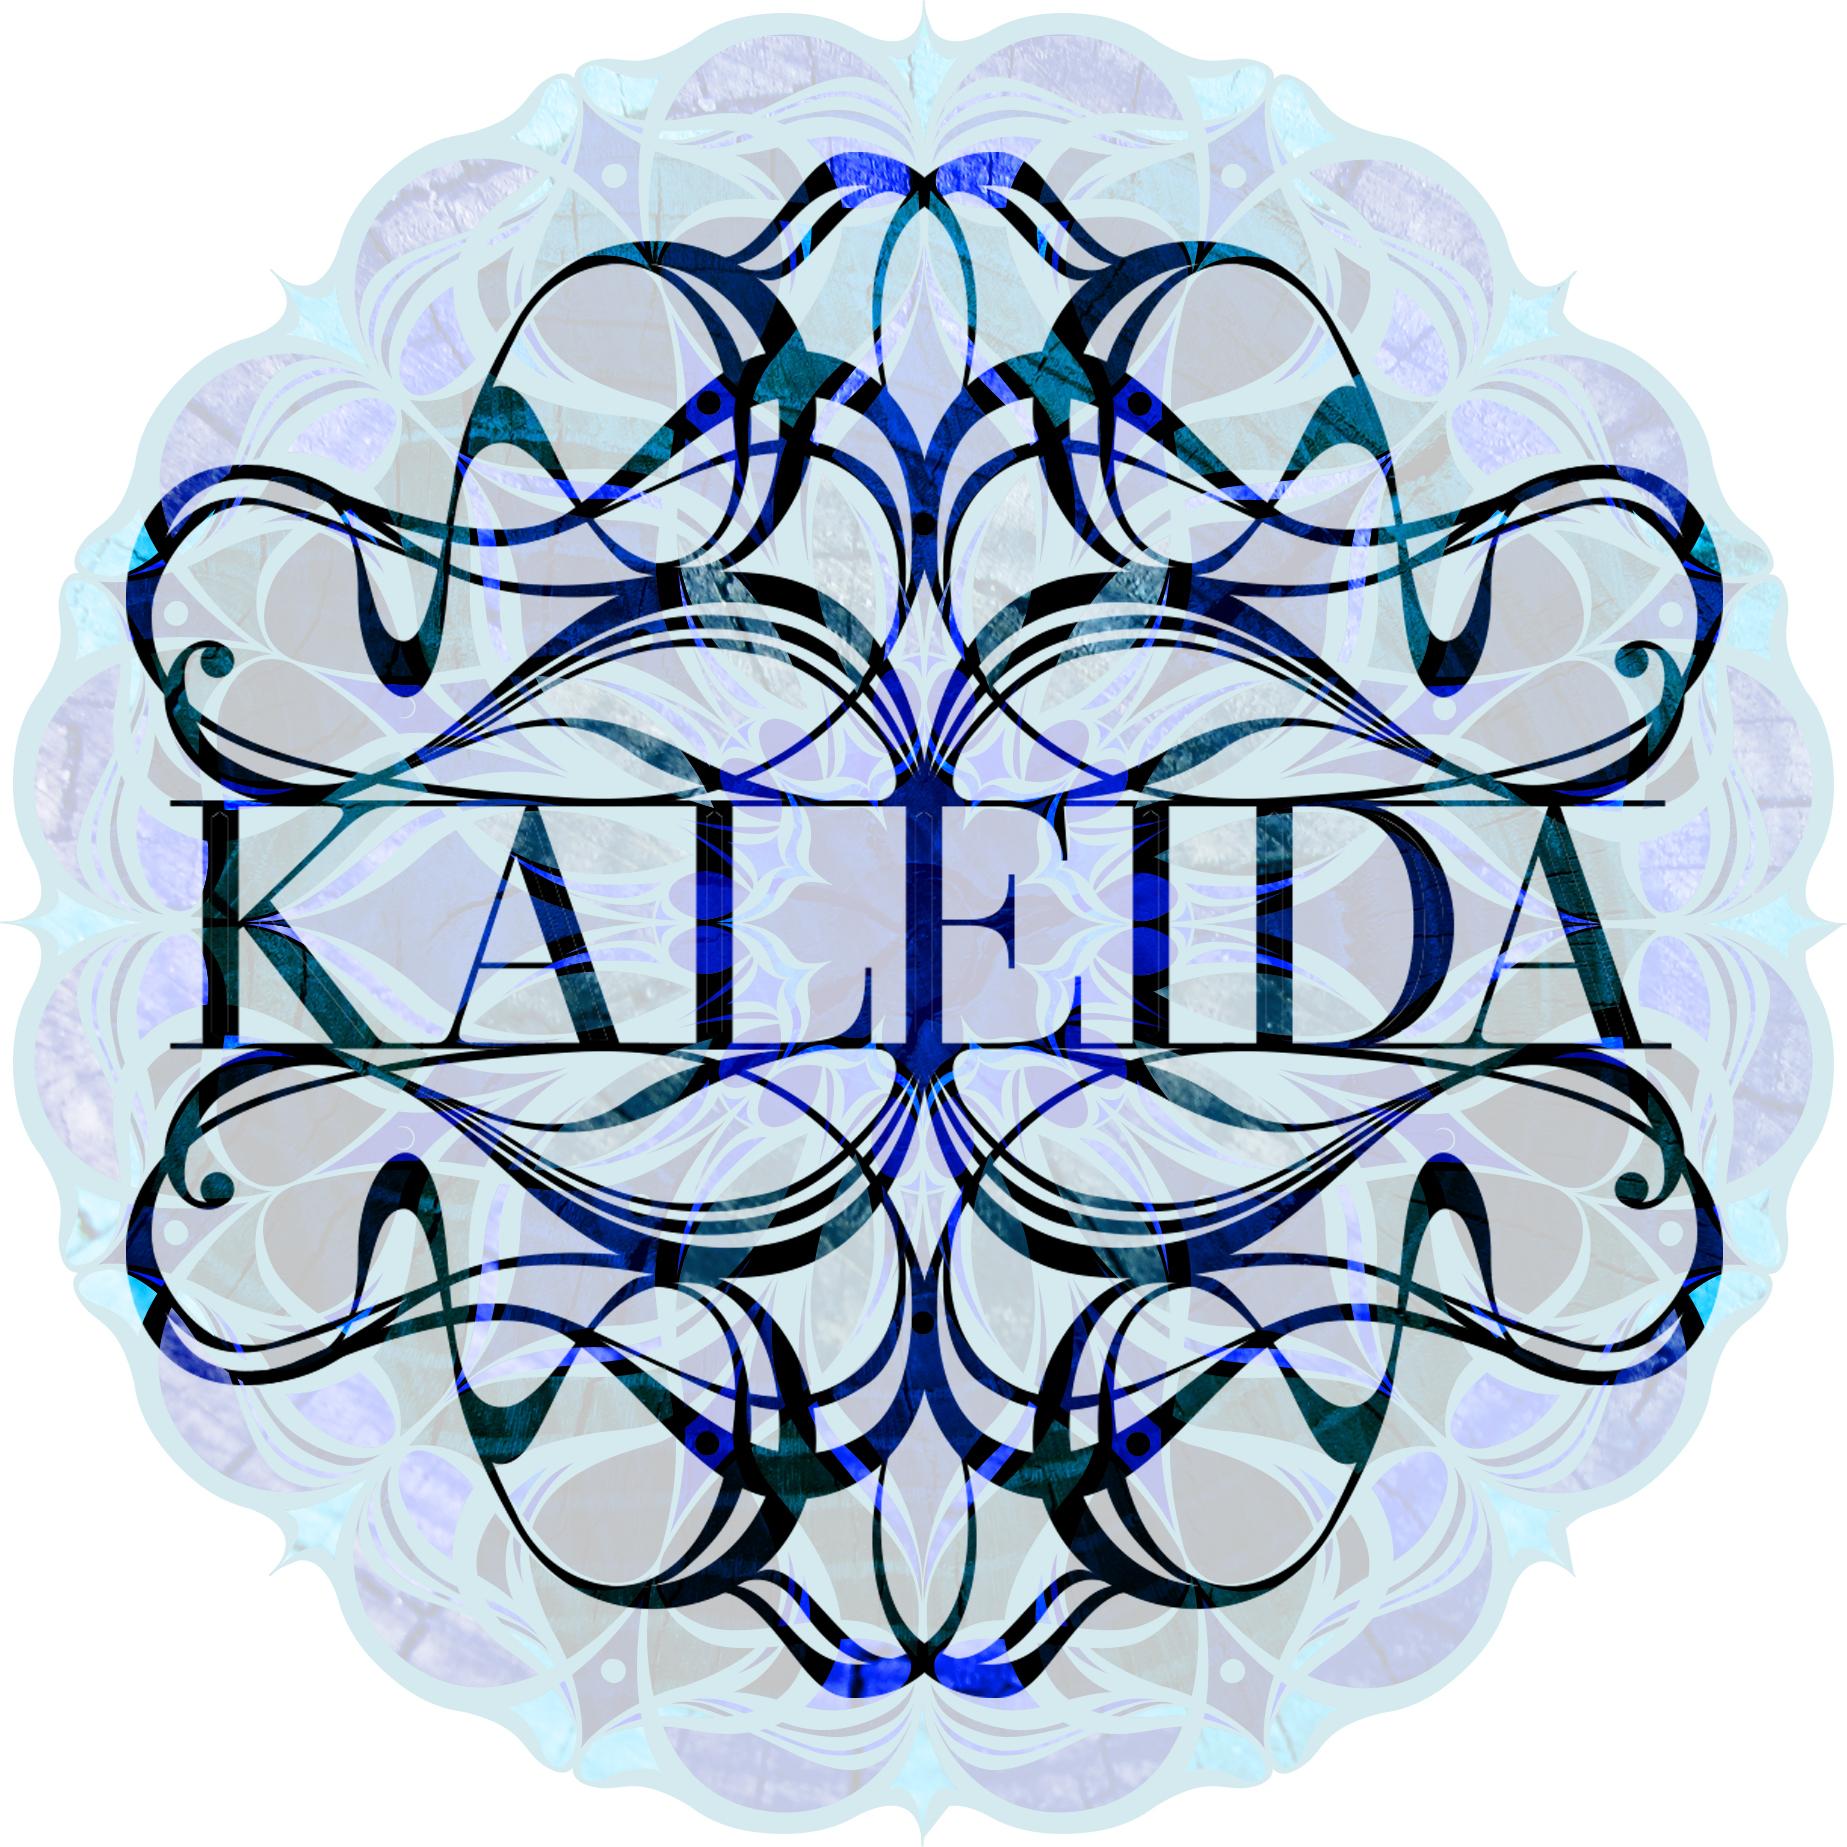 KALEIDA VISION